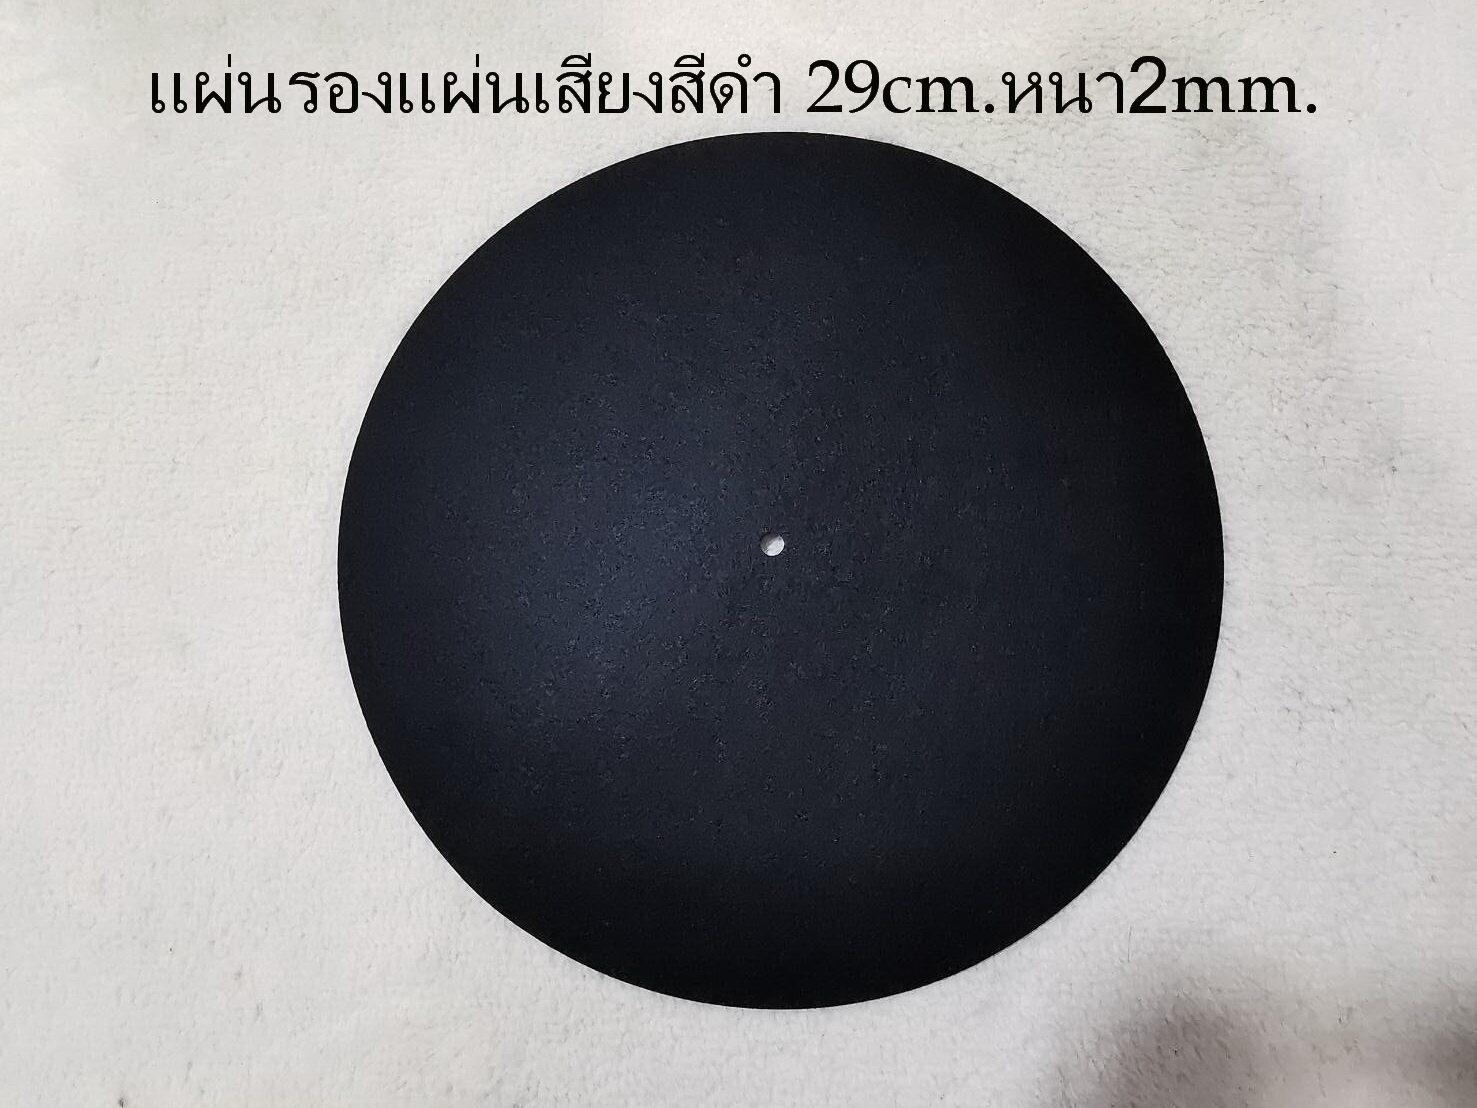 แผ่นรองแผ่นเสียง(กัมมะหยี่) Slipmat สำหรับรองแผ่นเสียง12(red หนา3mm./black หนา 2mm./3mm.) ช่วยป้องกันการสั่นสะเทือนขณะเล่นแผ่นเสียง(vinyl) ป้องกันรอย.